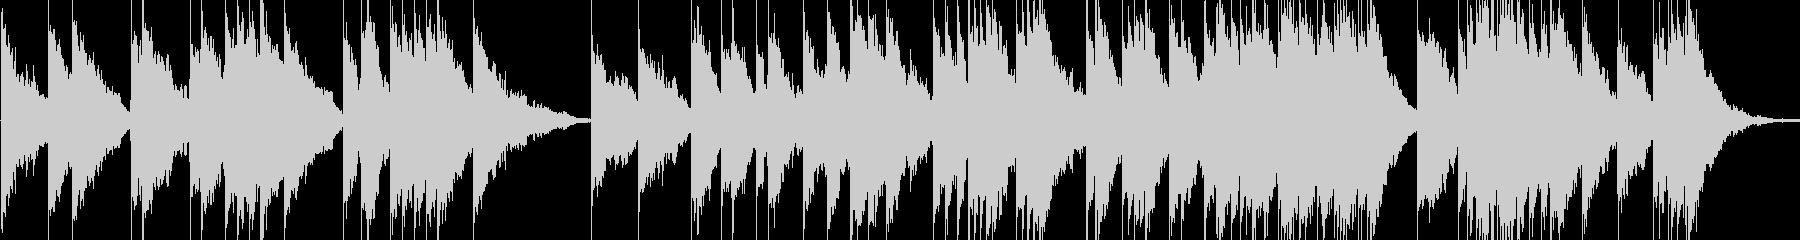 ピアノとシンセ。の未再生の波形